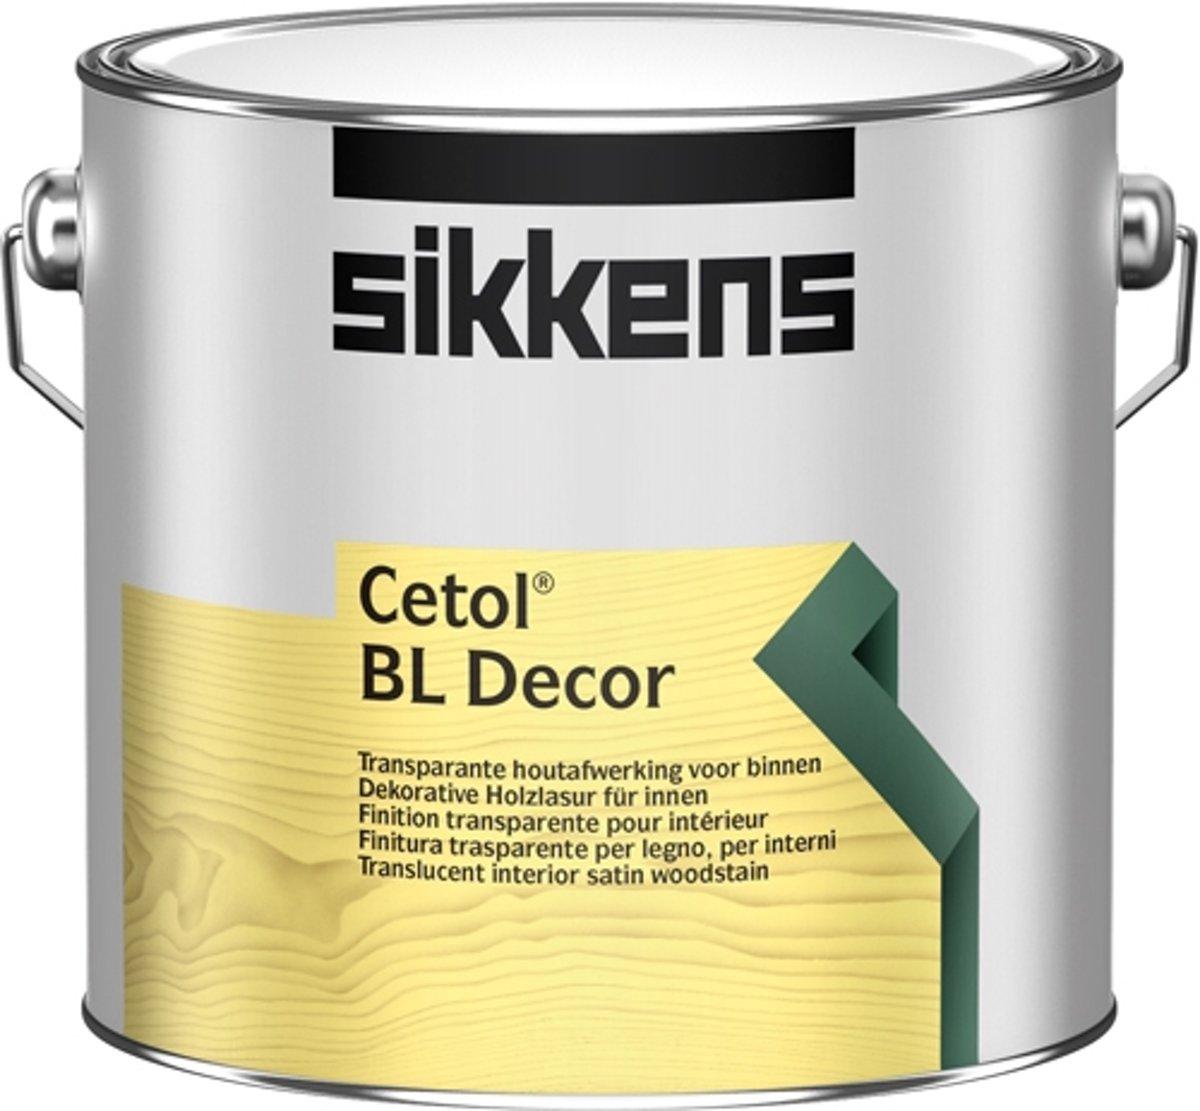 Sikkens Cetol BL Decor - 2,5L - 003 kopen